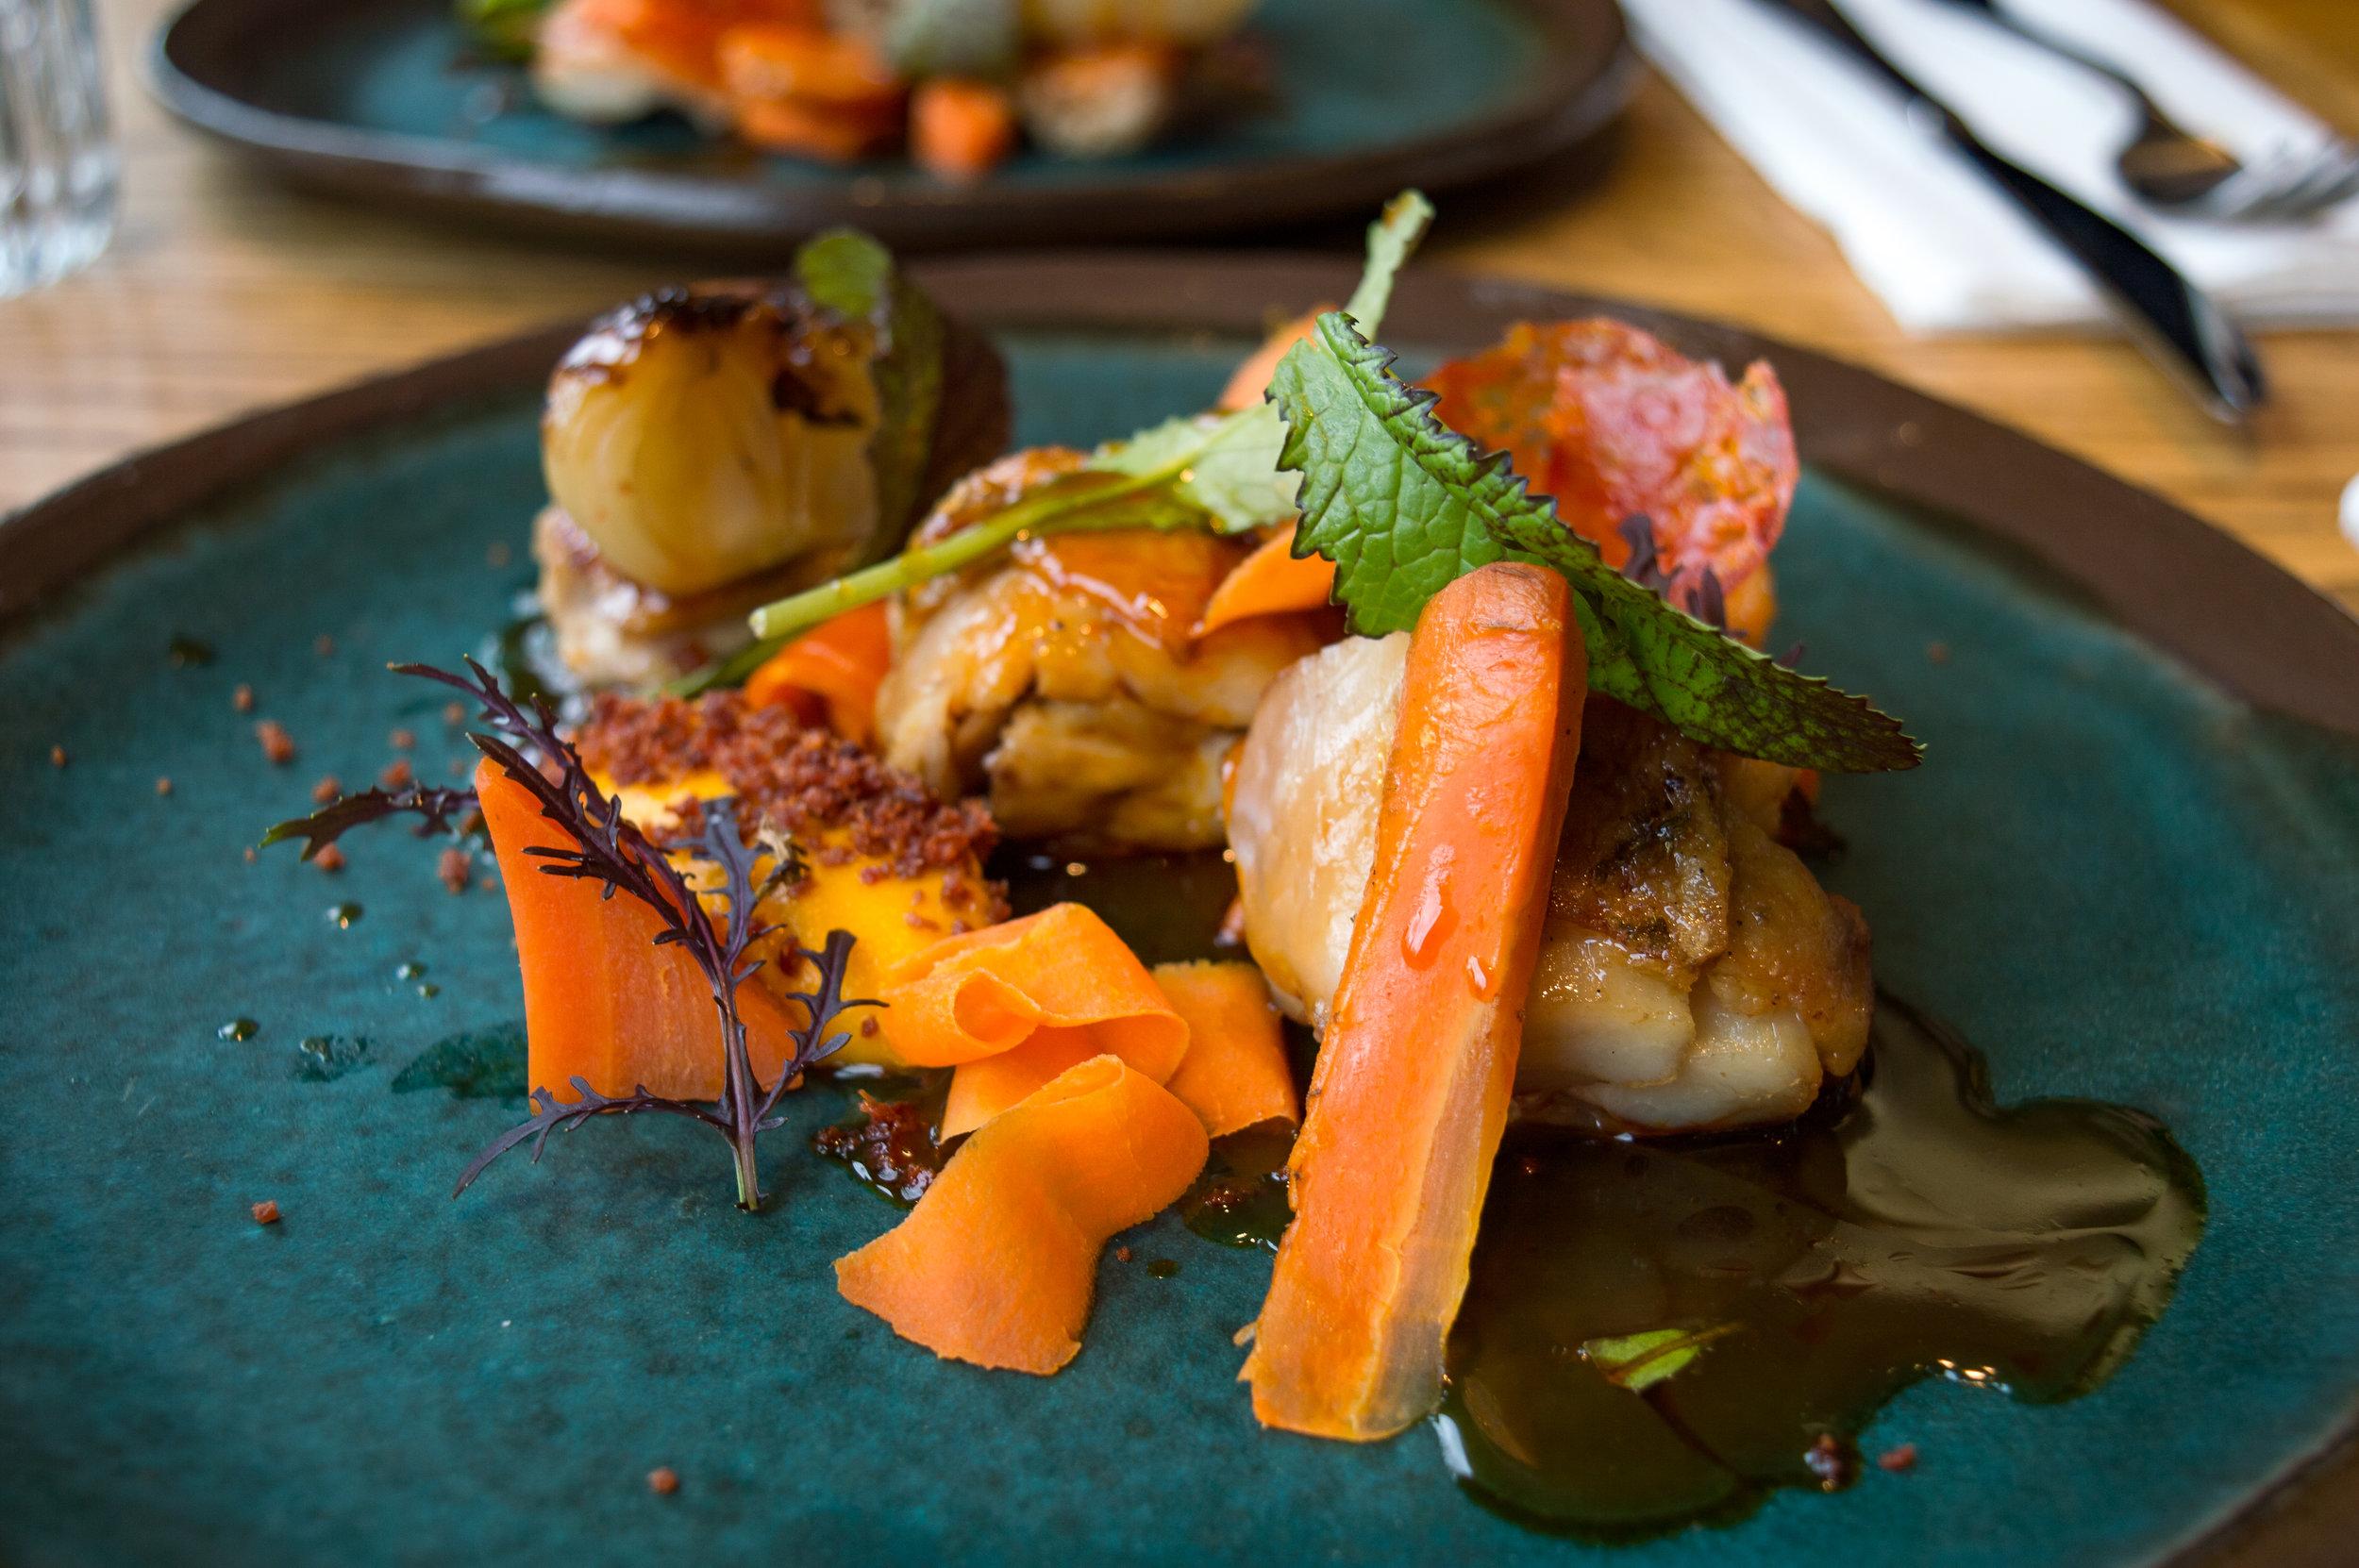 Chicken / carrot / chorizo / cipollini